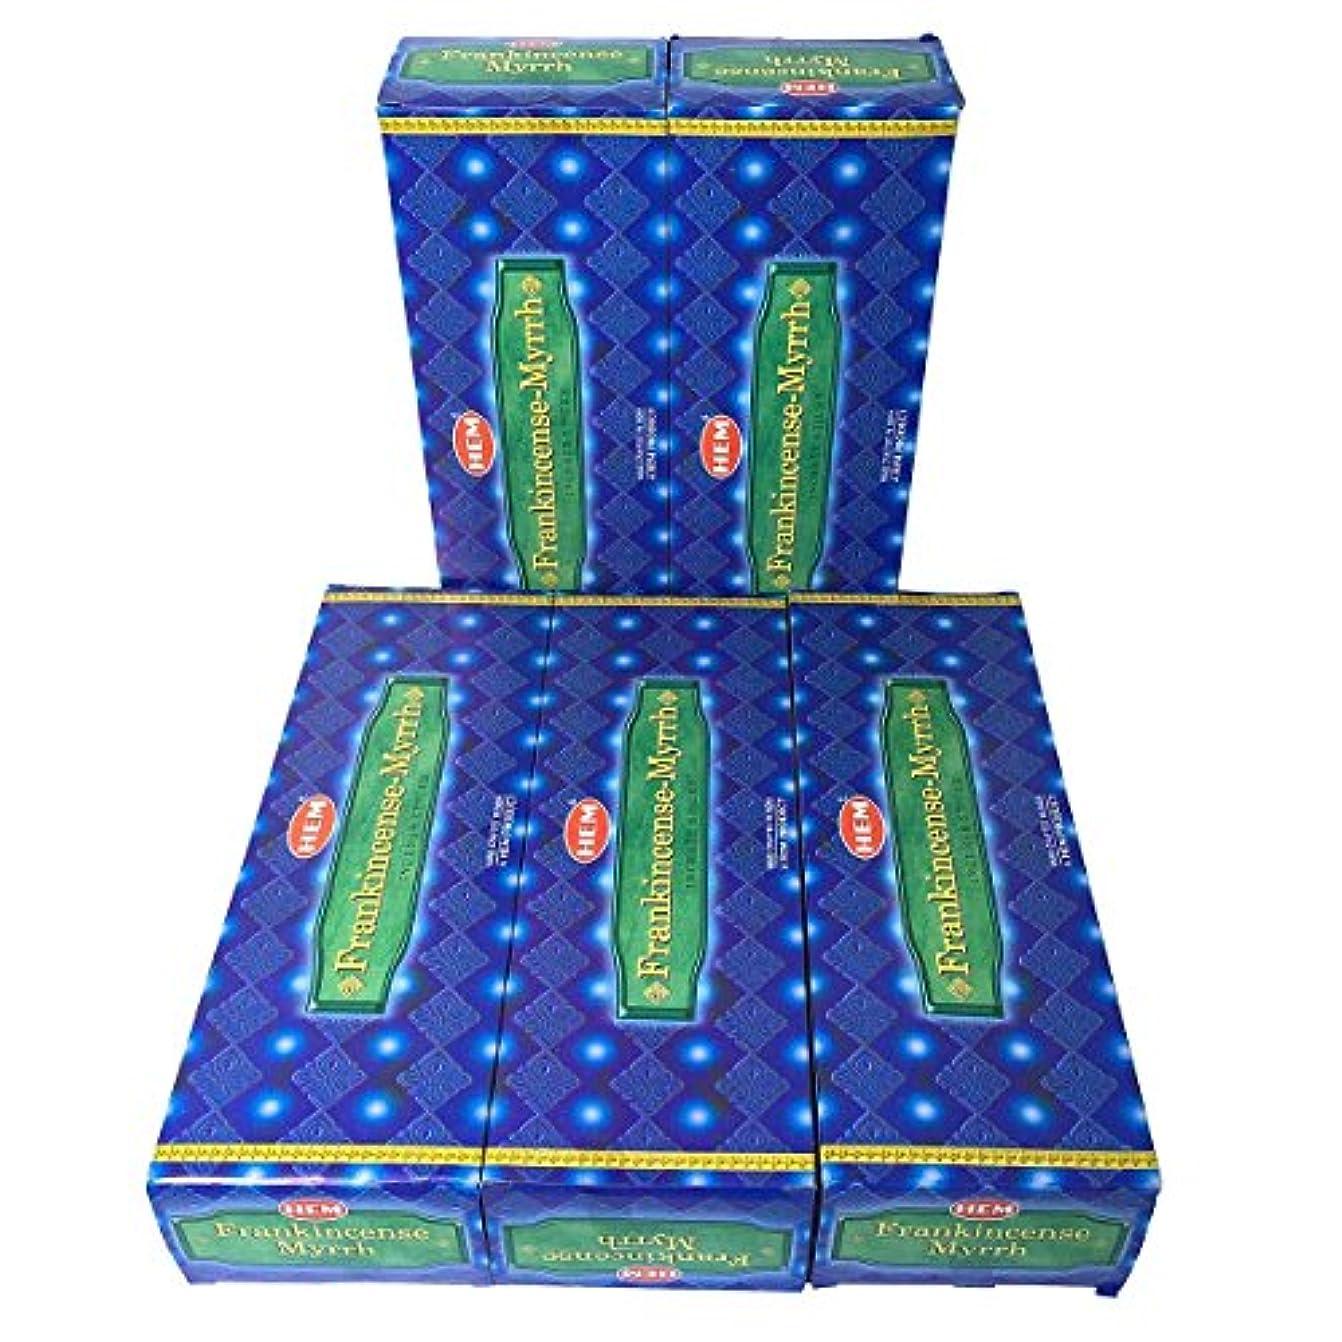 分析的な勧める小包HEM フランキンセンス-ミルラ香 スティック 5BOX(30箱)/HEM FRANKINCENSE MYRRH/ インド香 / 送料無料 [並行輸入品]